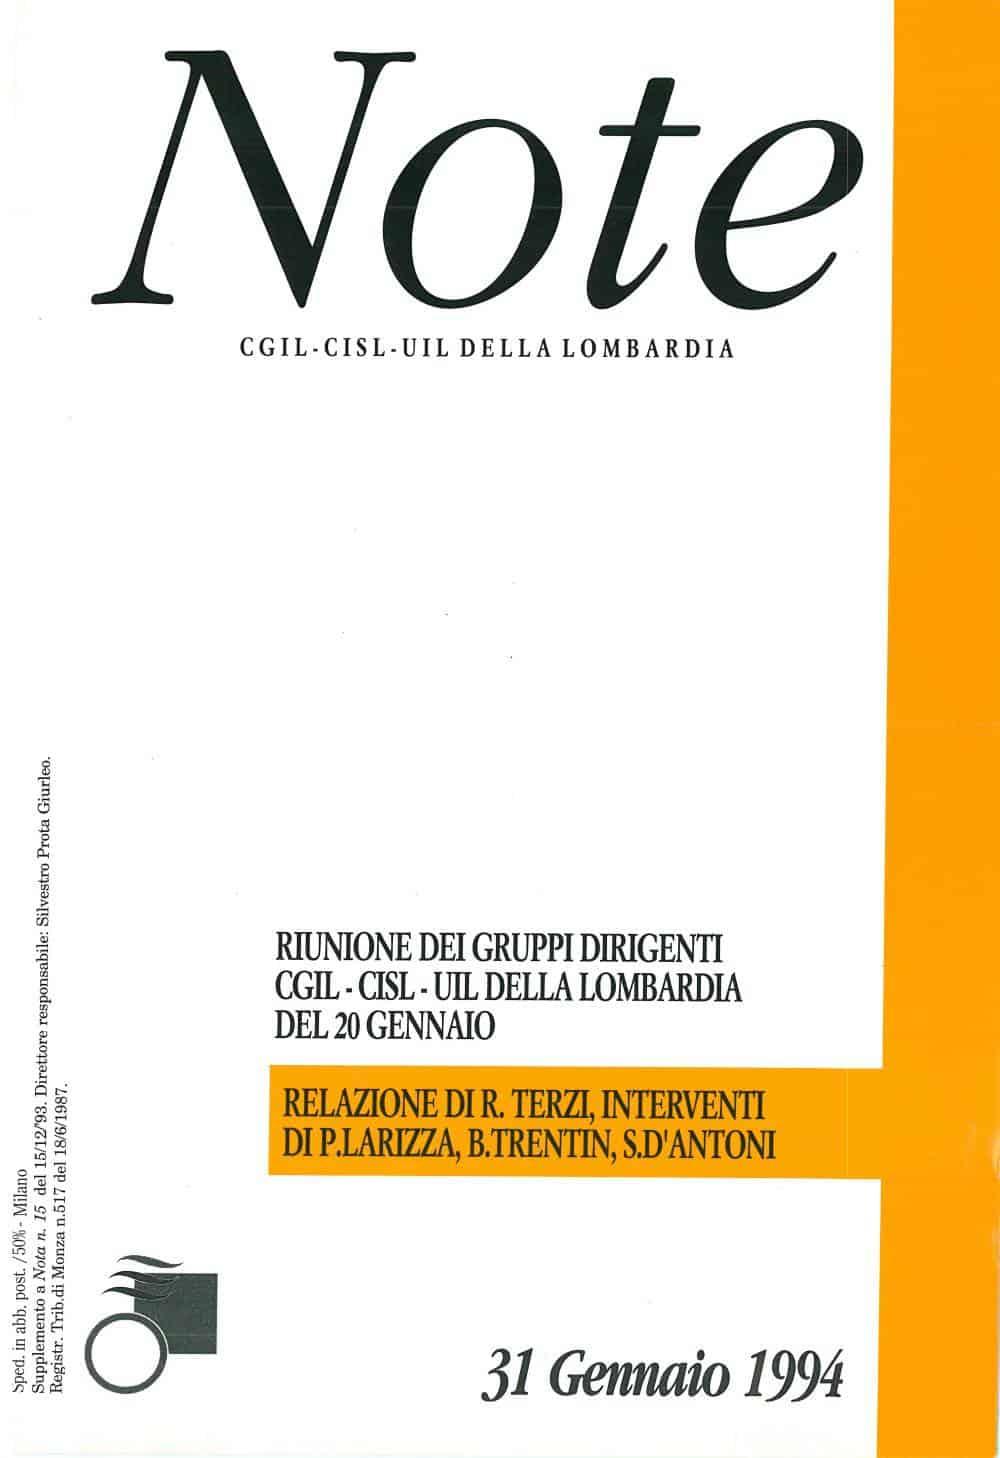 A5 - Relazione alla riunione dei gruppi dirigenti di Cgil Csil e Uil della Lombardia